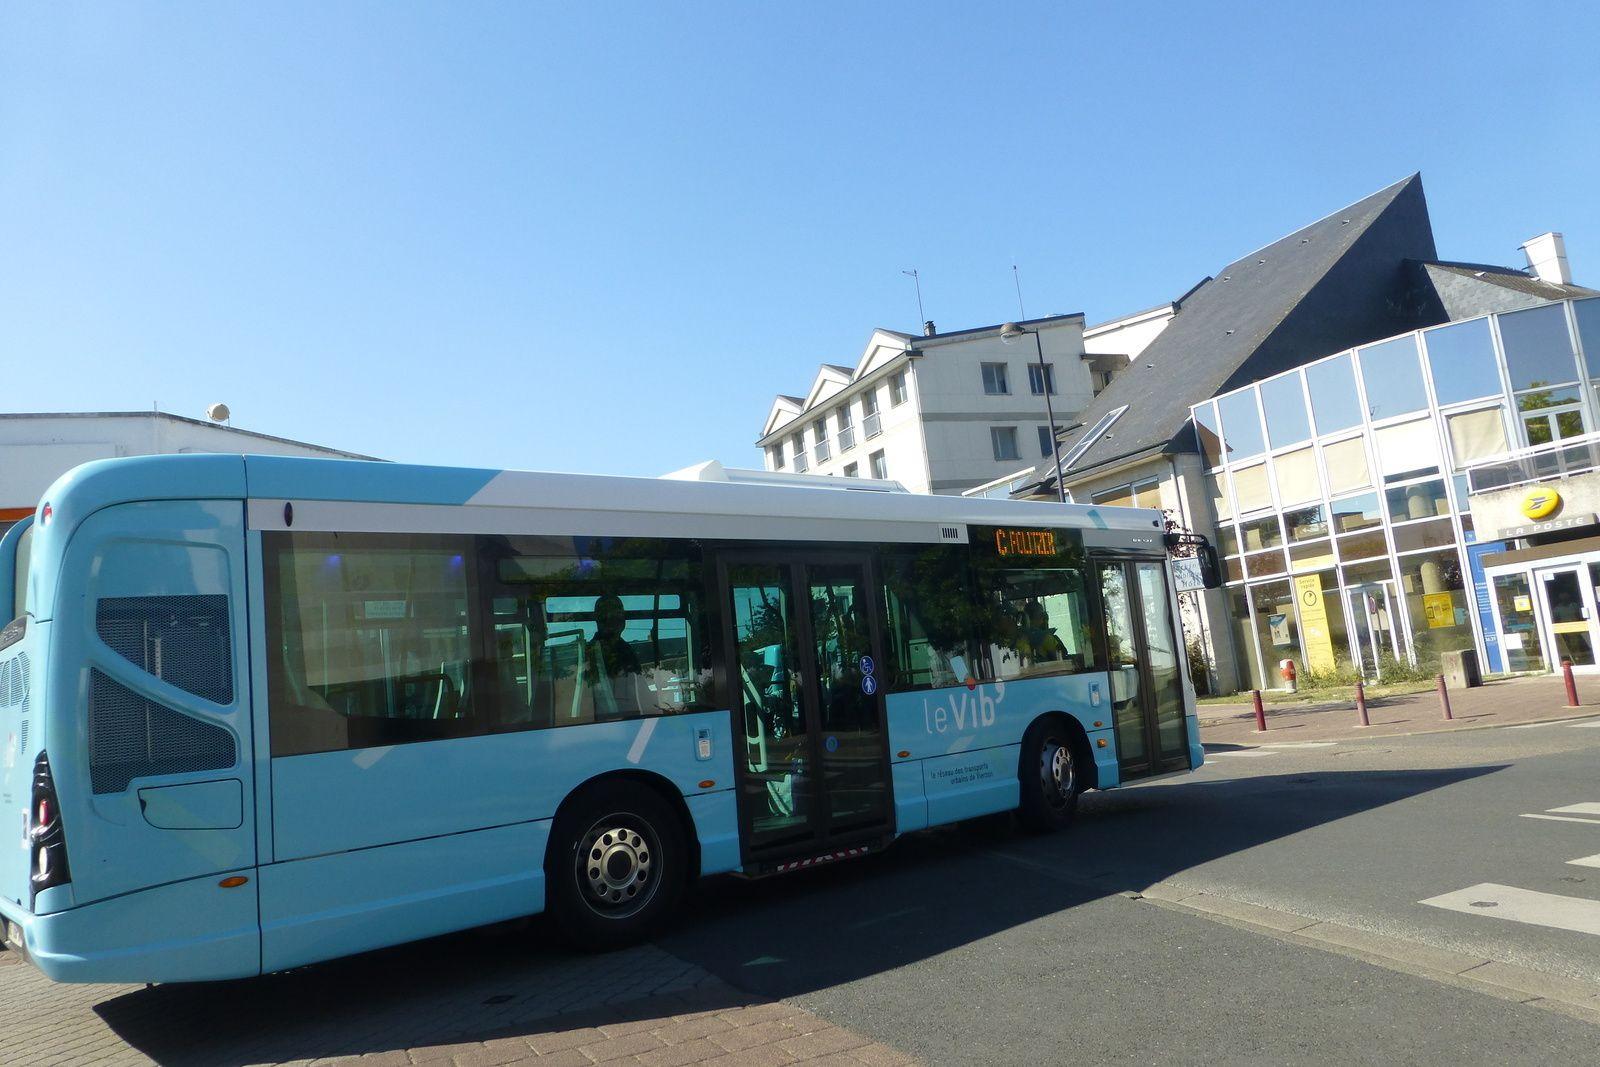 Il est gentil le Père-Noël. La ville de Vierzon fait un cadeau aux usagers du bus (et à ceux qui ne le prennent pas habituellement aussi). Le conseil municipal a annoncé que les bus seront gratuits  les samedi 17 et 24 décembre.